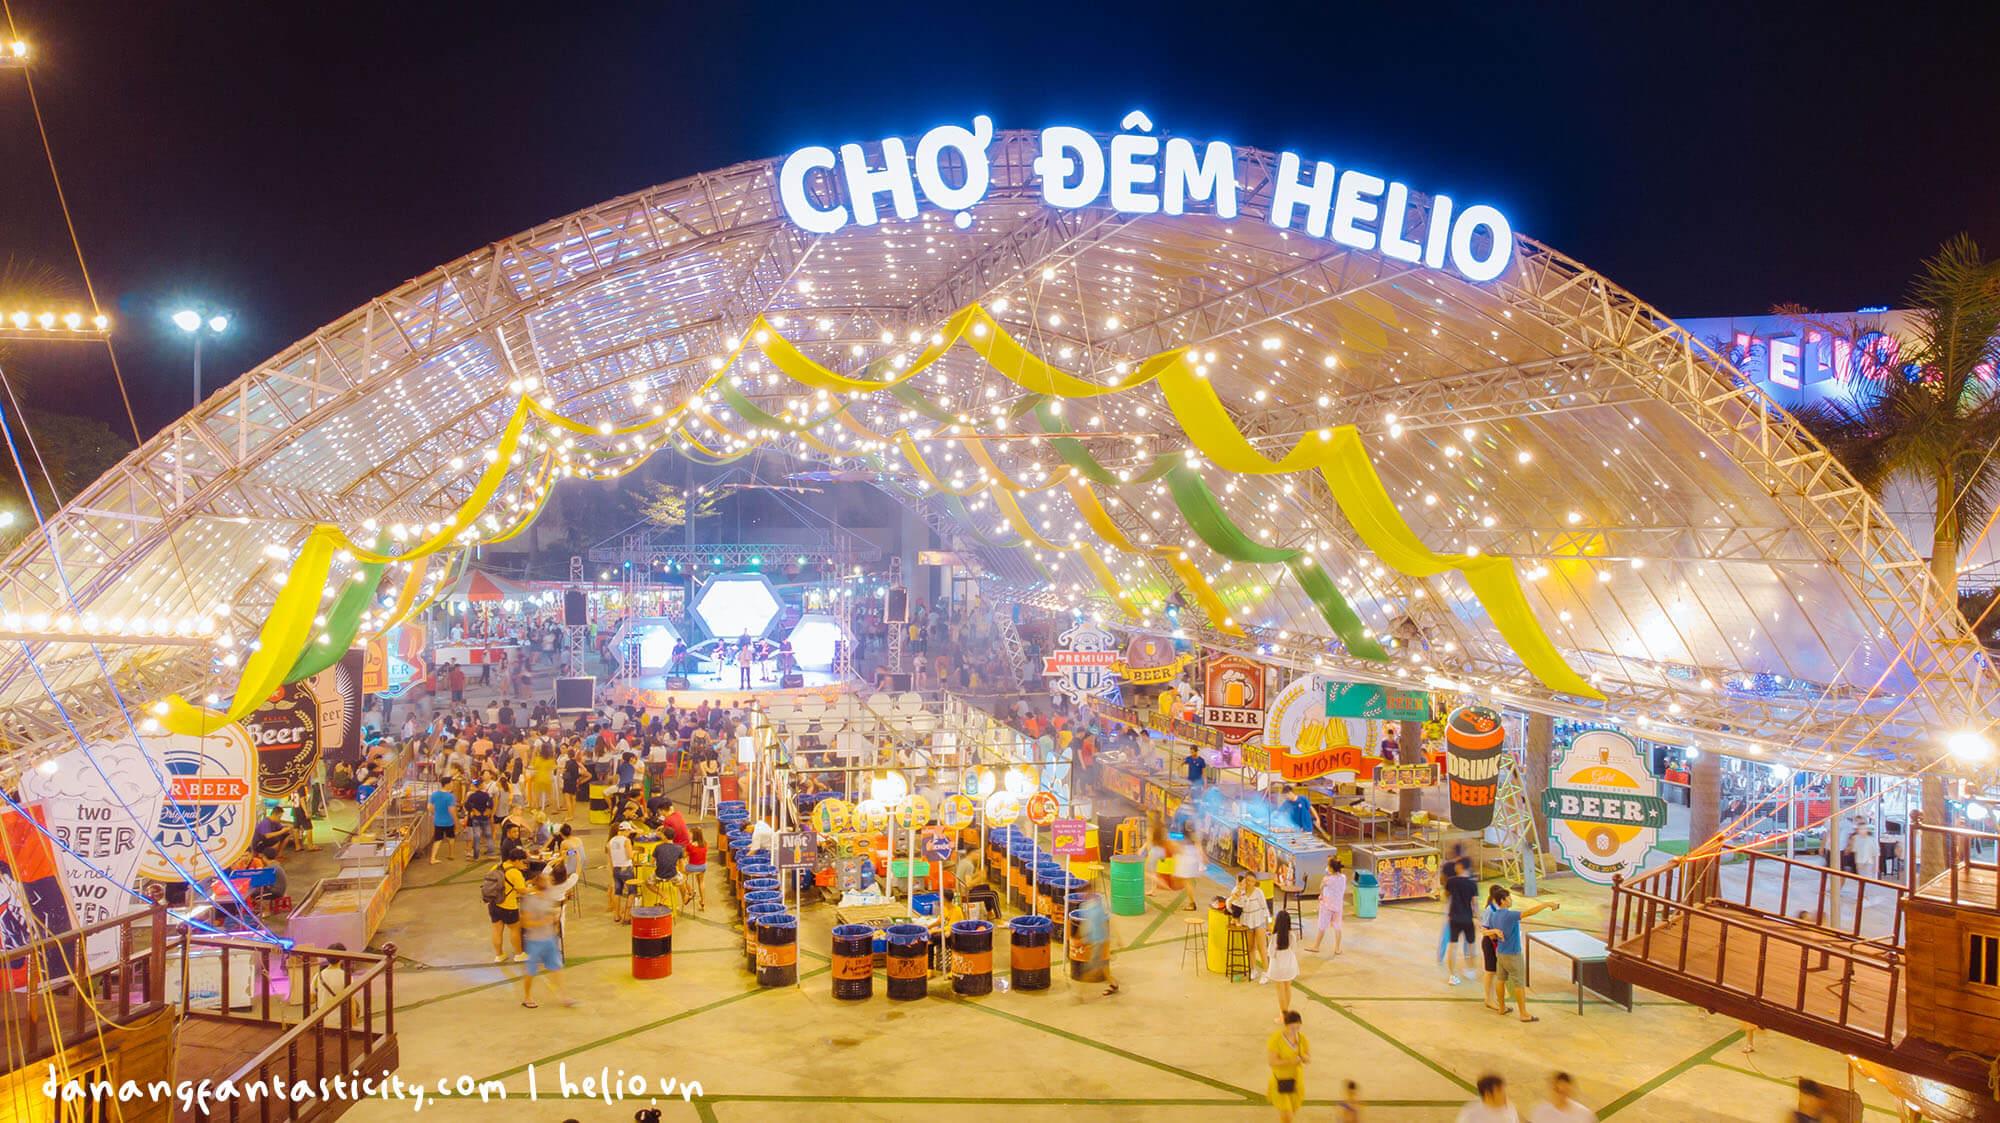 Trai Nghiem Mua He Ruc Ro Cung Helio Summer Festival 2019 Le Hoi He Nao Nhiet Bac Nhat Da Nang Danang Fantasticity Com 028